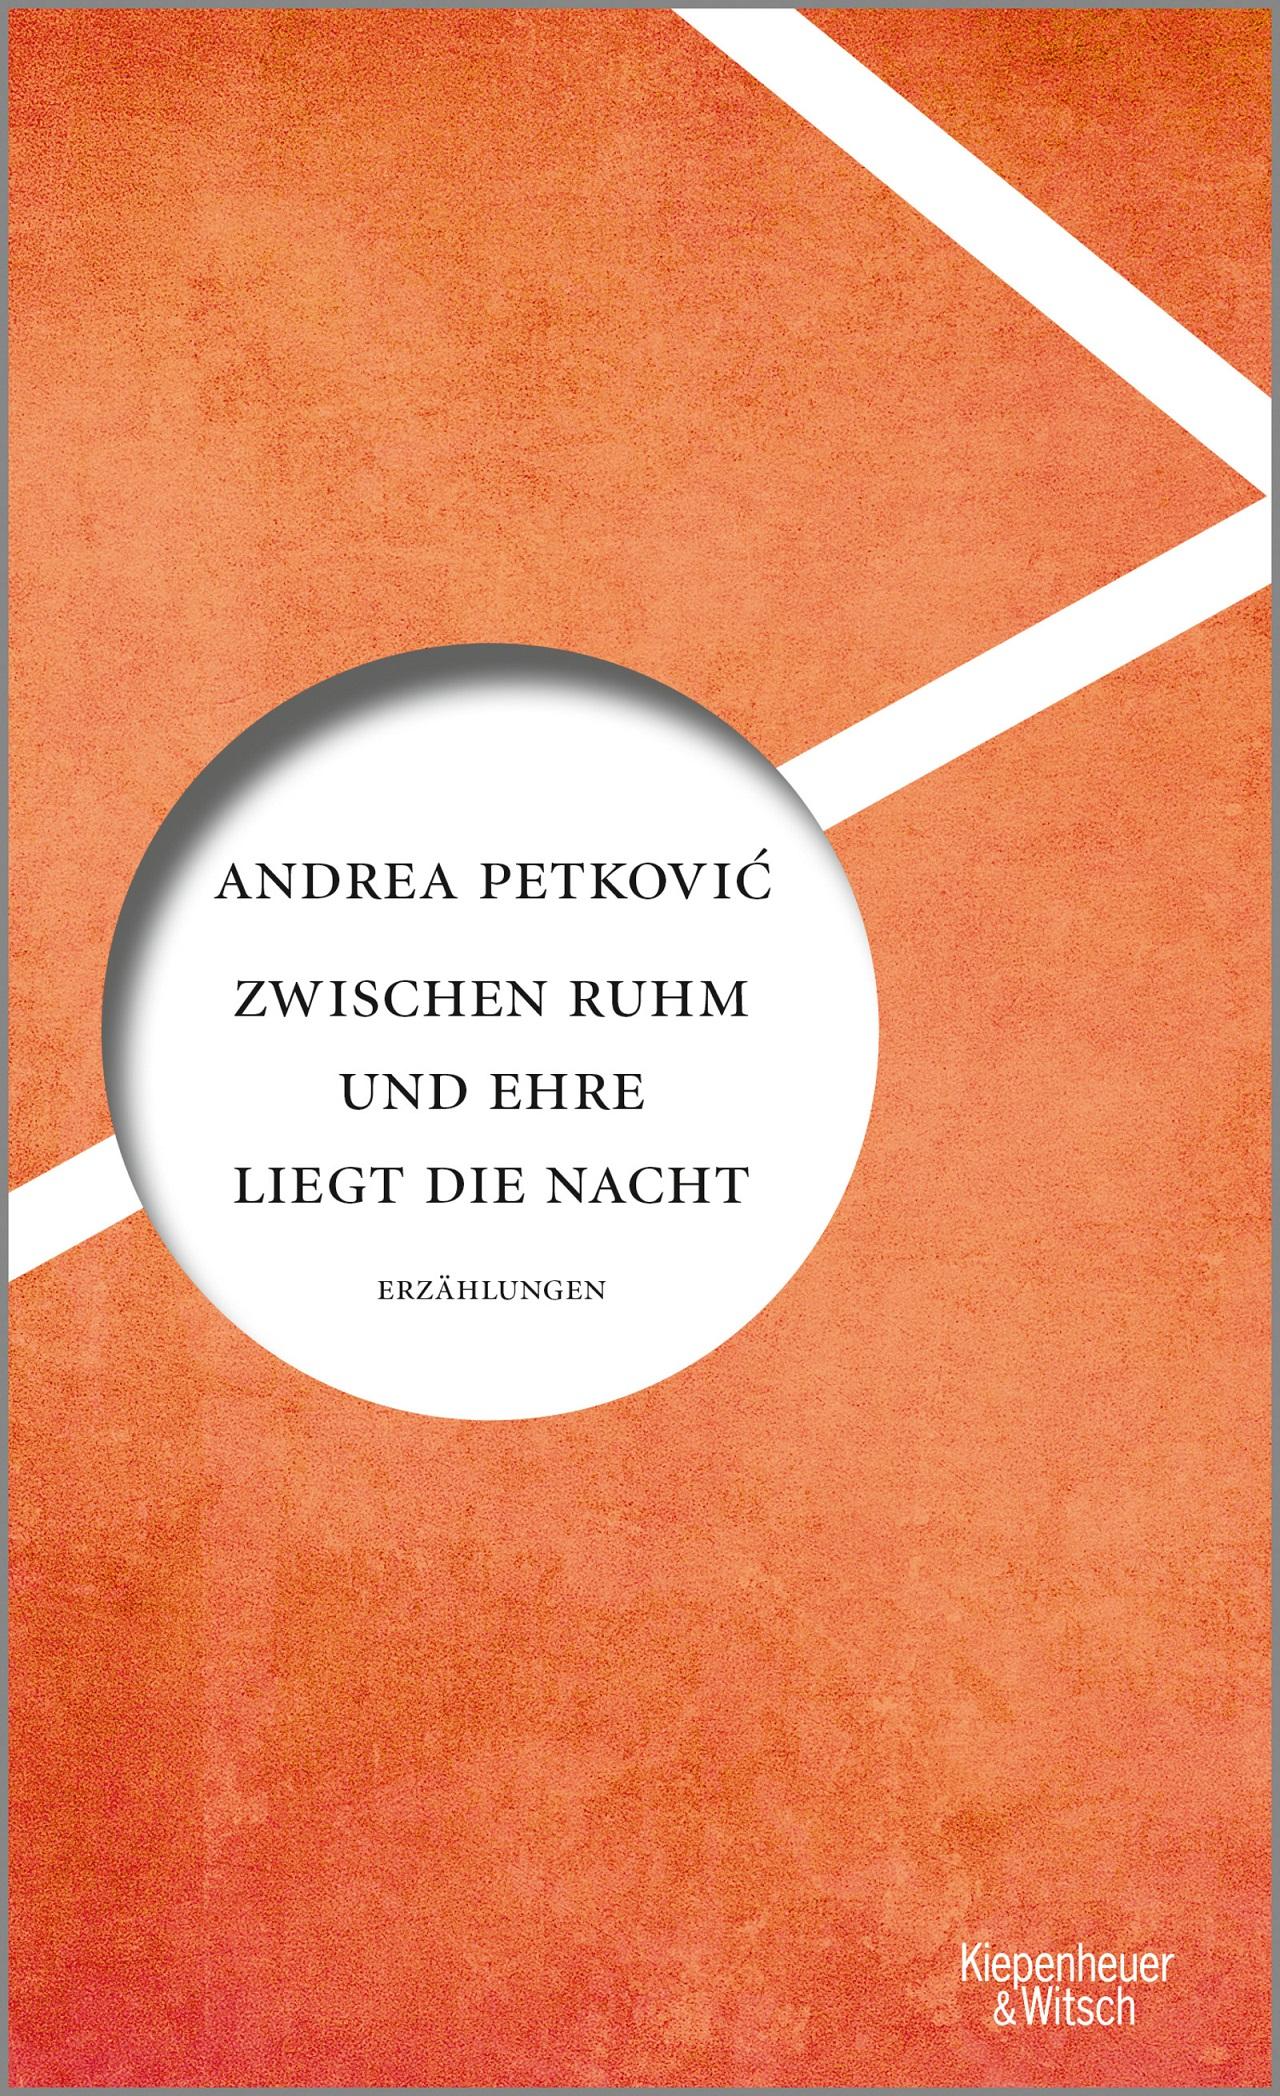 Andrea Petković ist eine Tennisspielerin mit literarischem Talent